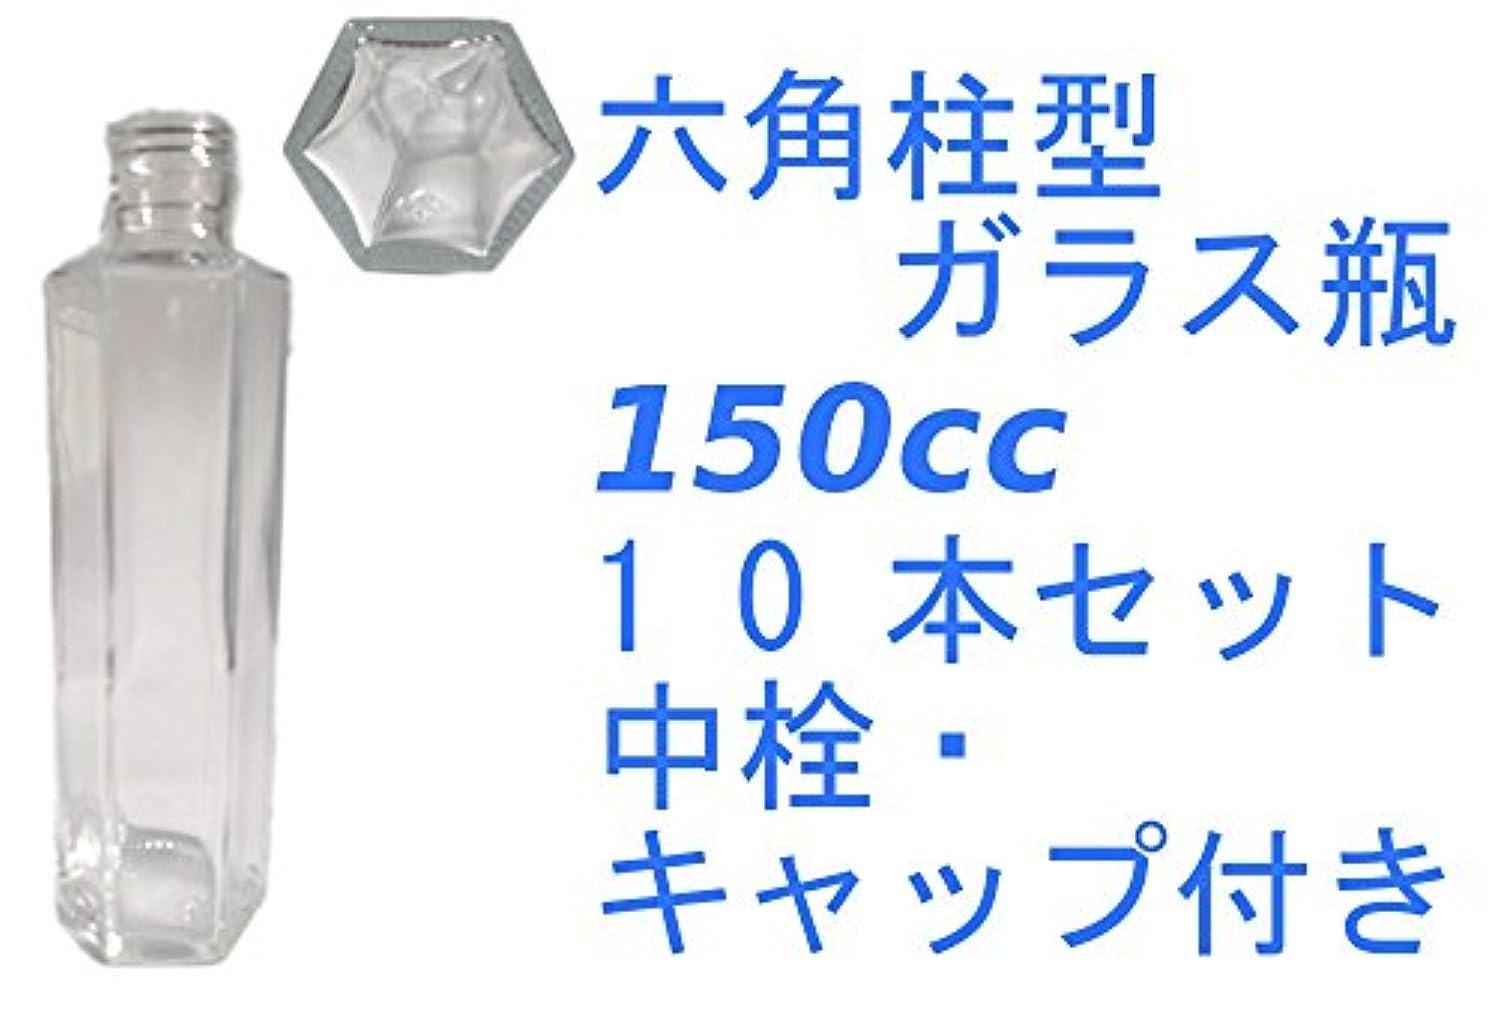 におい冷酷なスマイル(ジャストユーズ) JustU's 日本製 ポリ栓 中栓付き六角柱型ガラス瓶 10本セット 150cc 150ml アロマディフューザー ハーバリウム 調味料 オイル タレ ドレッシング瓶 B10-SSF150A-S